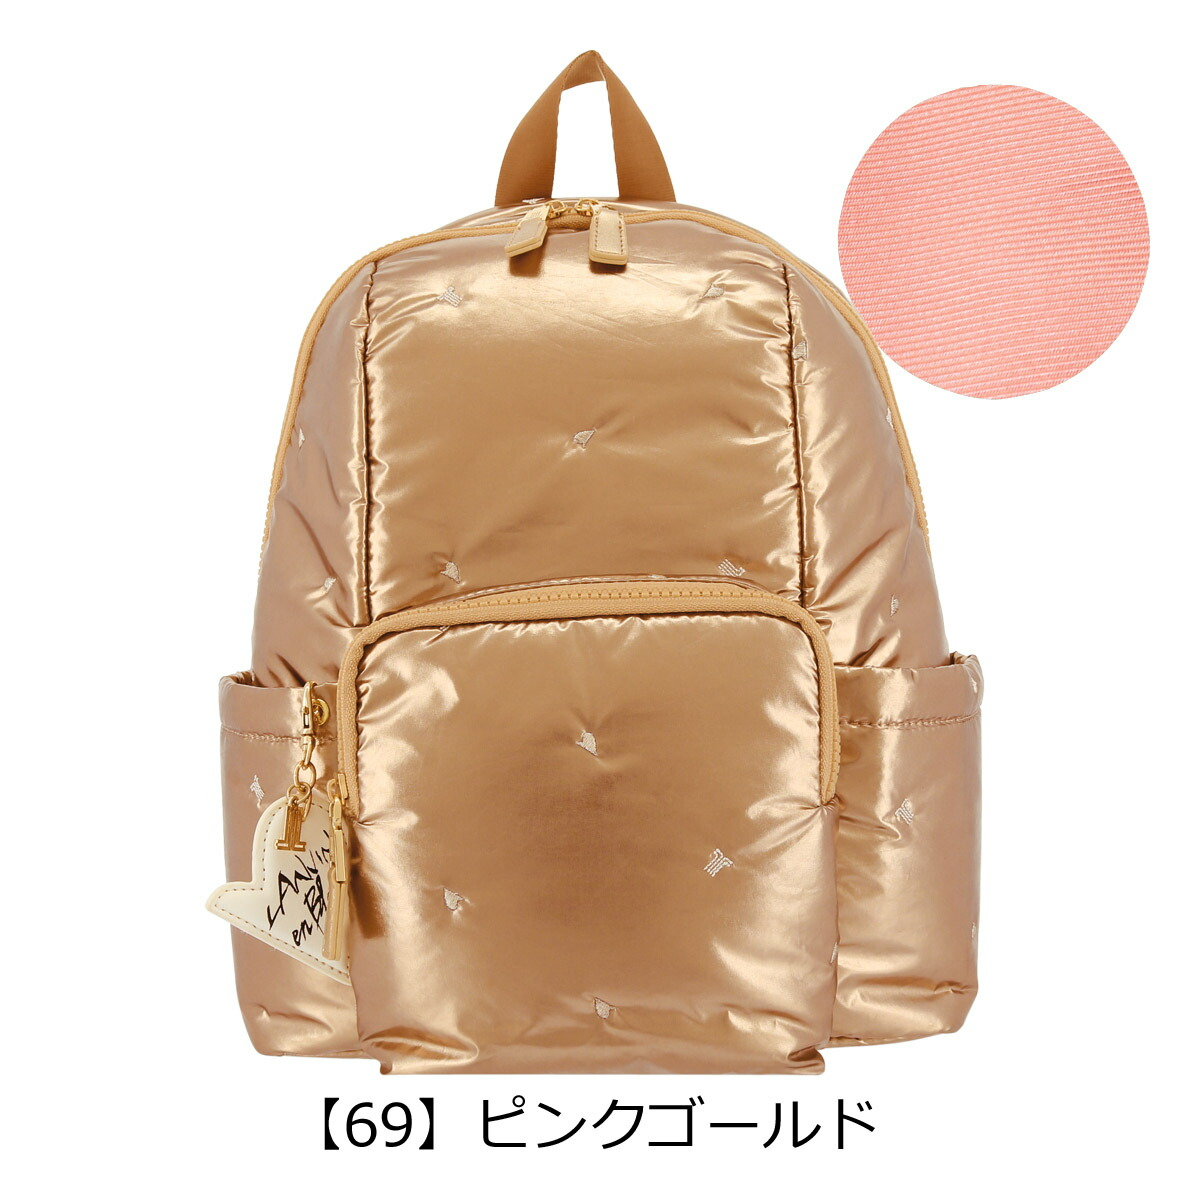 【69】ピンクゴールド